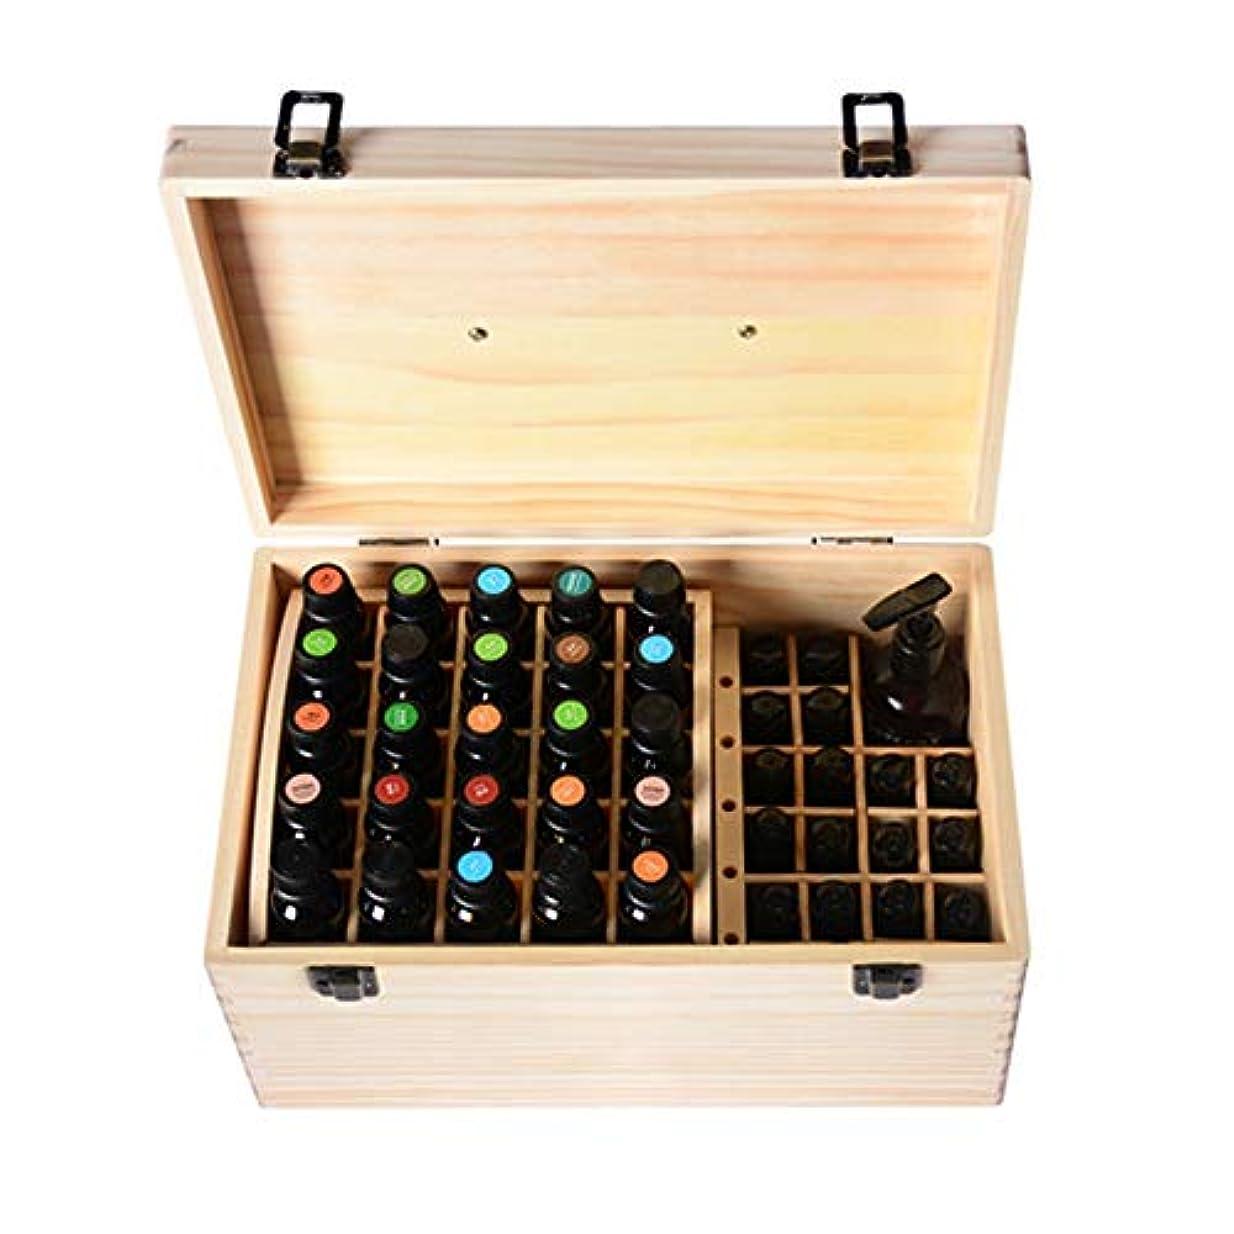 宮殿良性取り囲むエッセンシャルオイルストレージボックス 74スロット木エッセンシャルオイルボックス収納ケース内部のリムーバブルは15/10 M1のボトルナチュラルパインを開催します 旅行およびプレゼンテーション用 (色 : Natural...